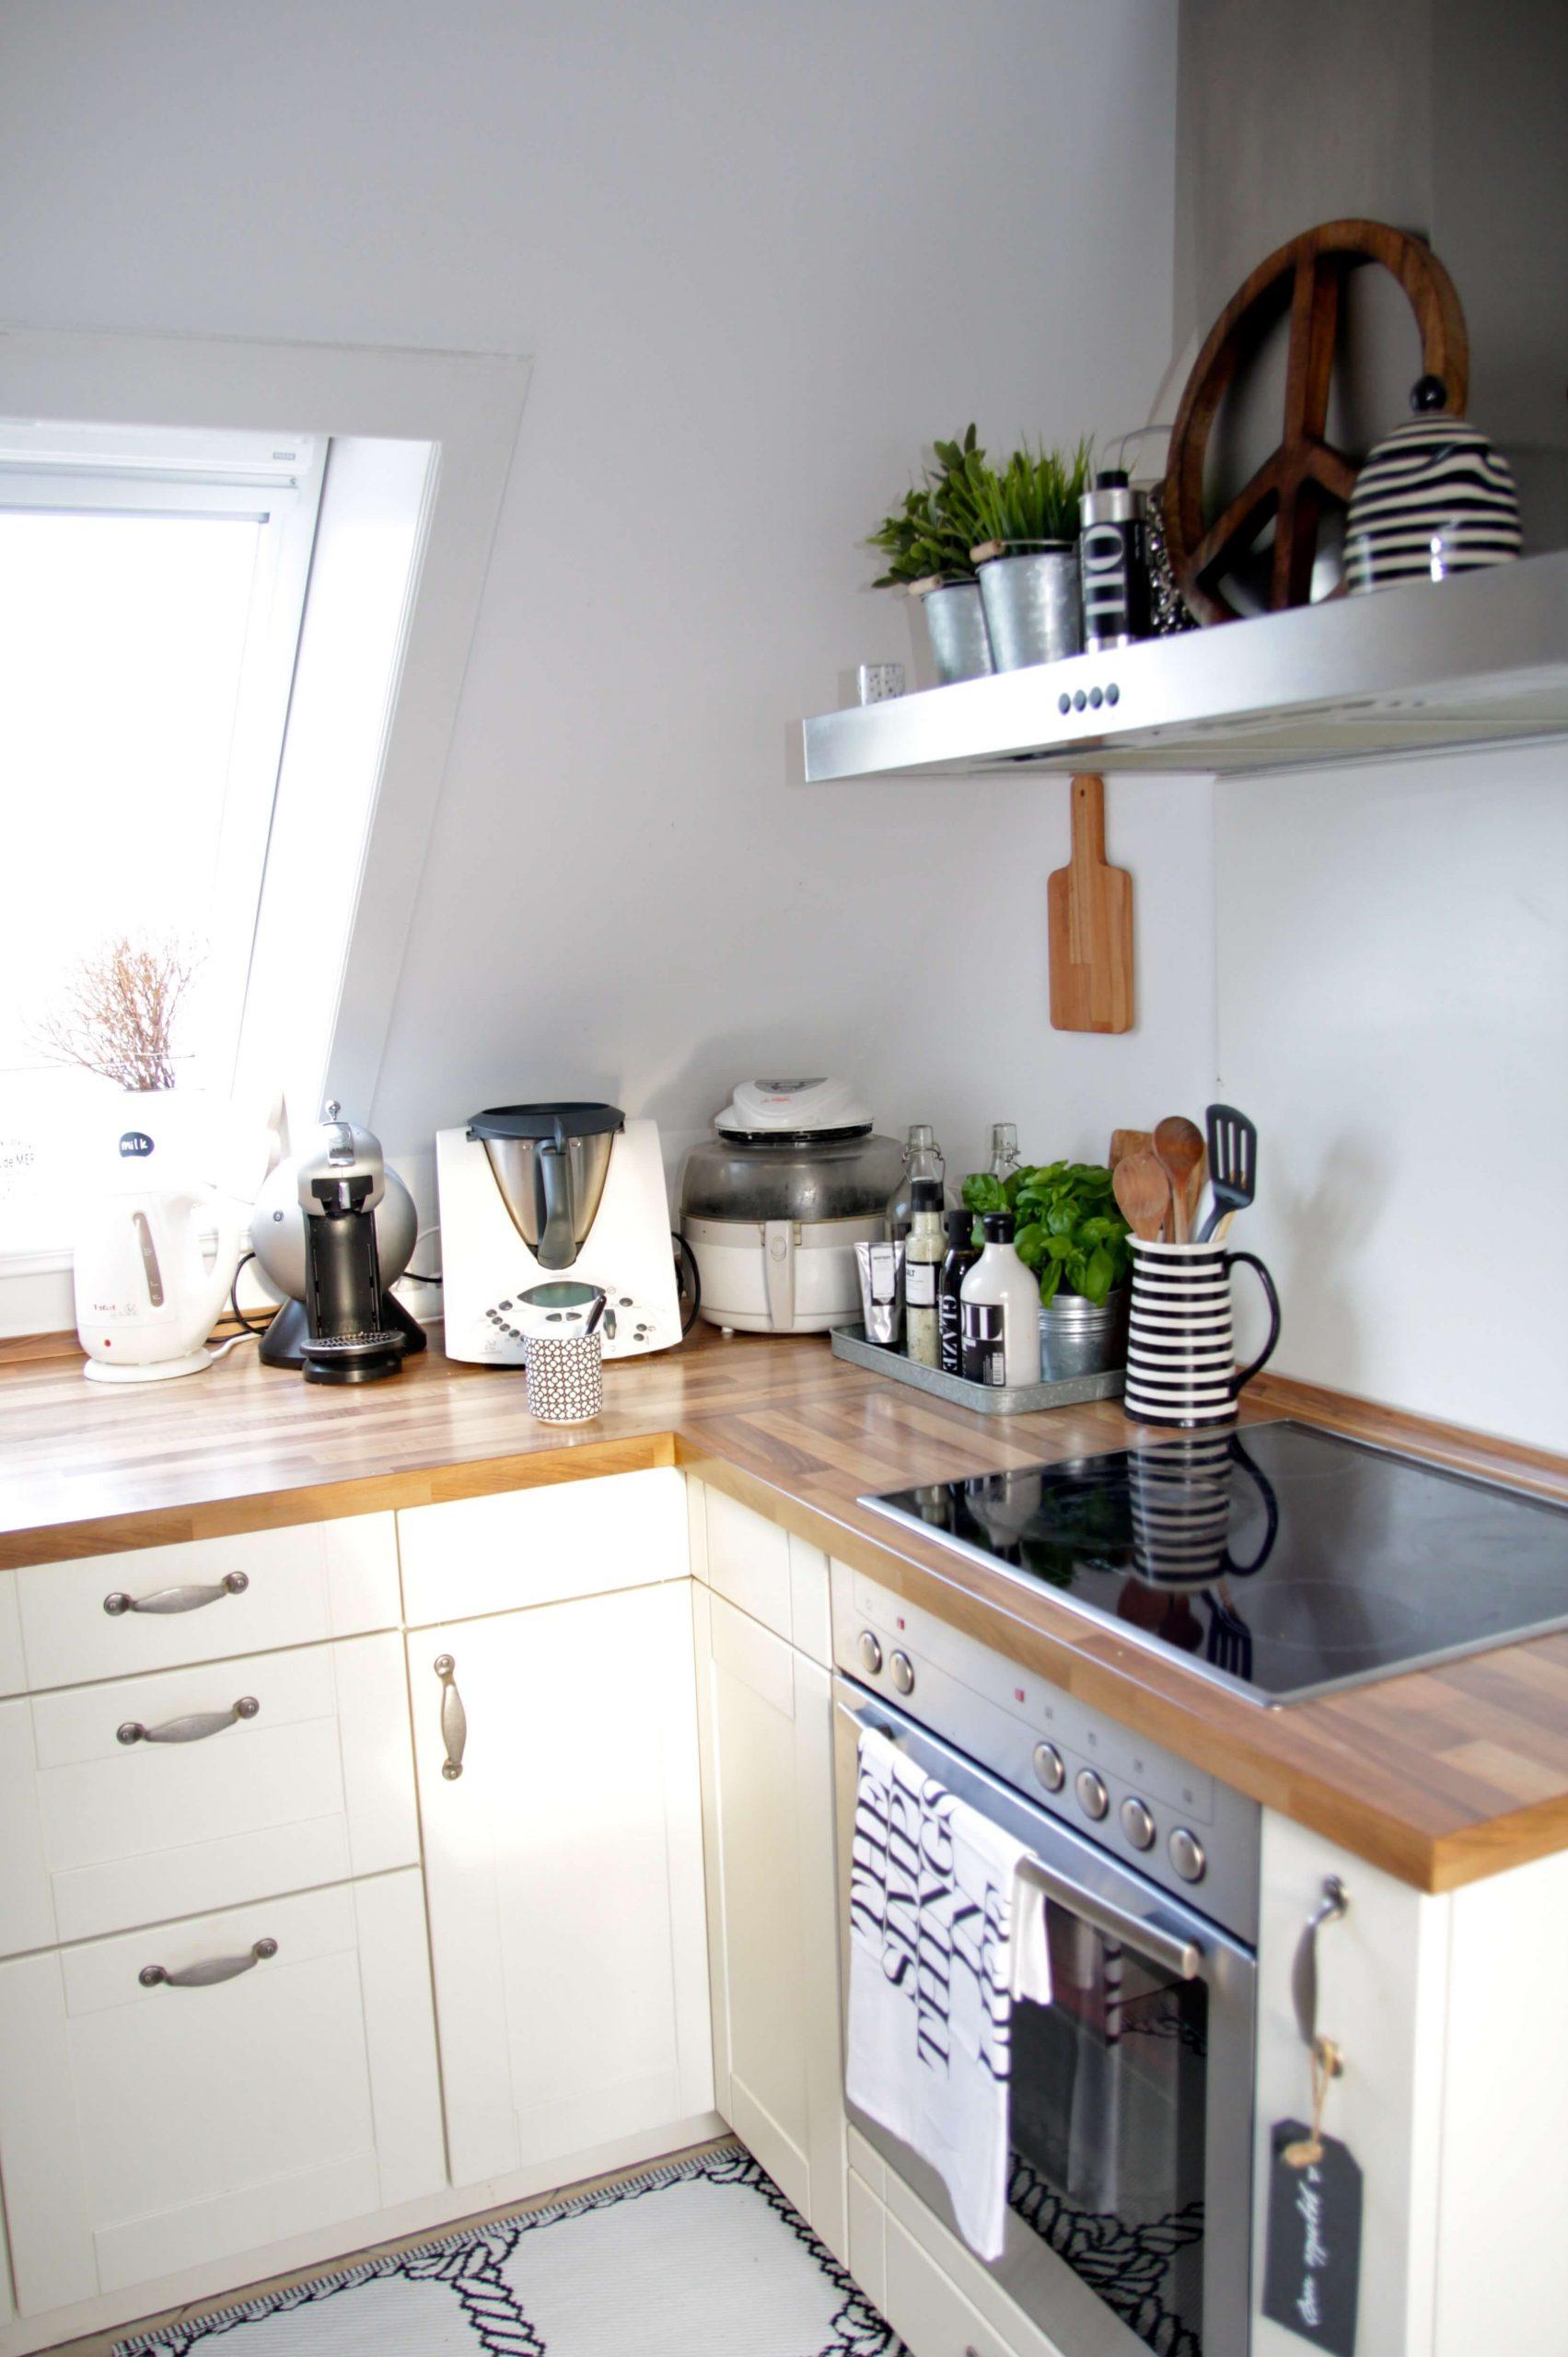 Full Size of Küche Einrichten Shabby Chic Küche Einrichten Landhausstil Wohnung Mit Offener Küche Einrichten Ideen Küche Einrichten Küche Küche Einrichten